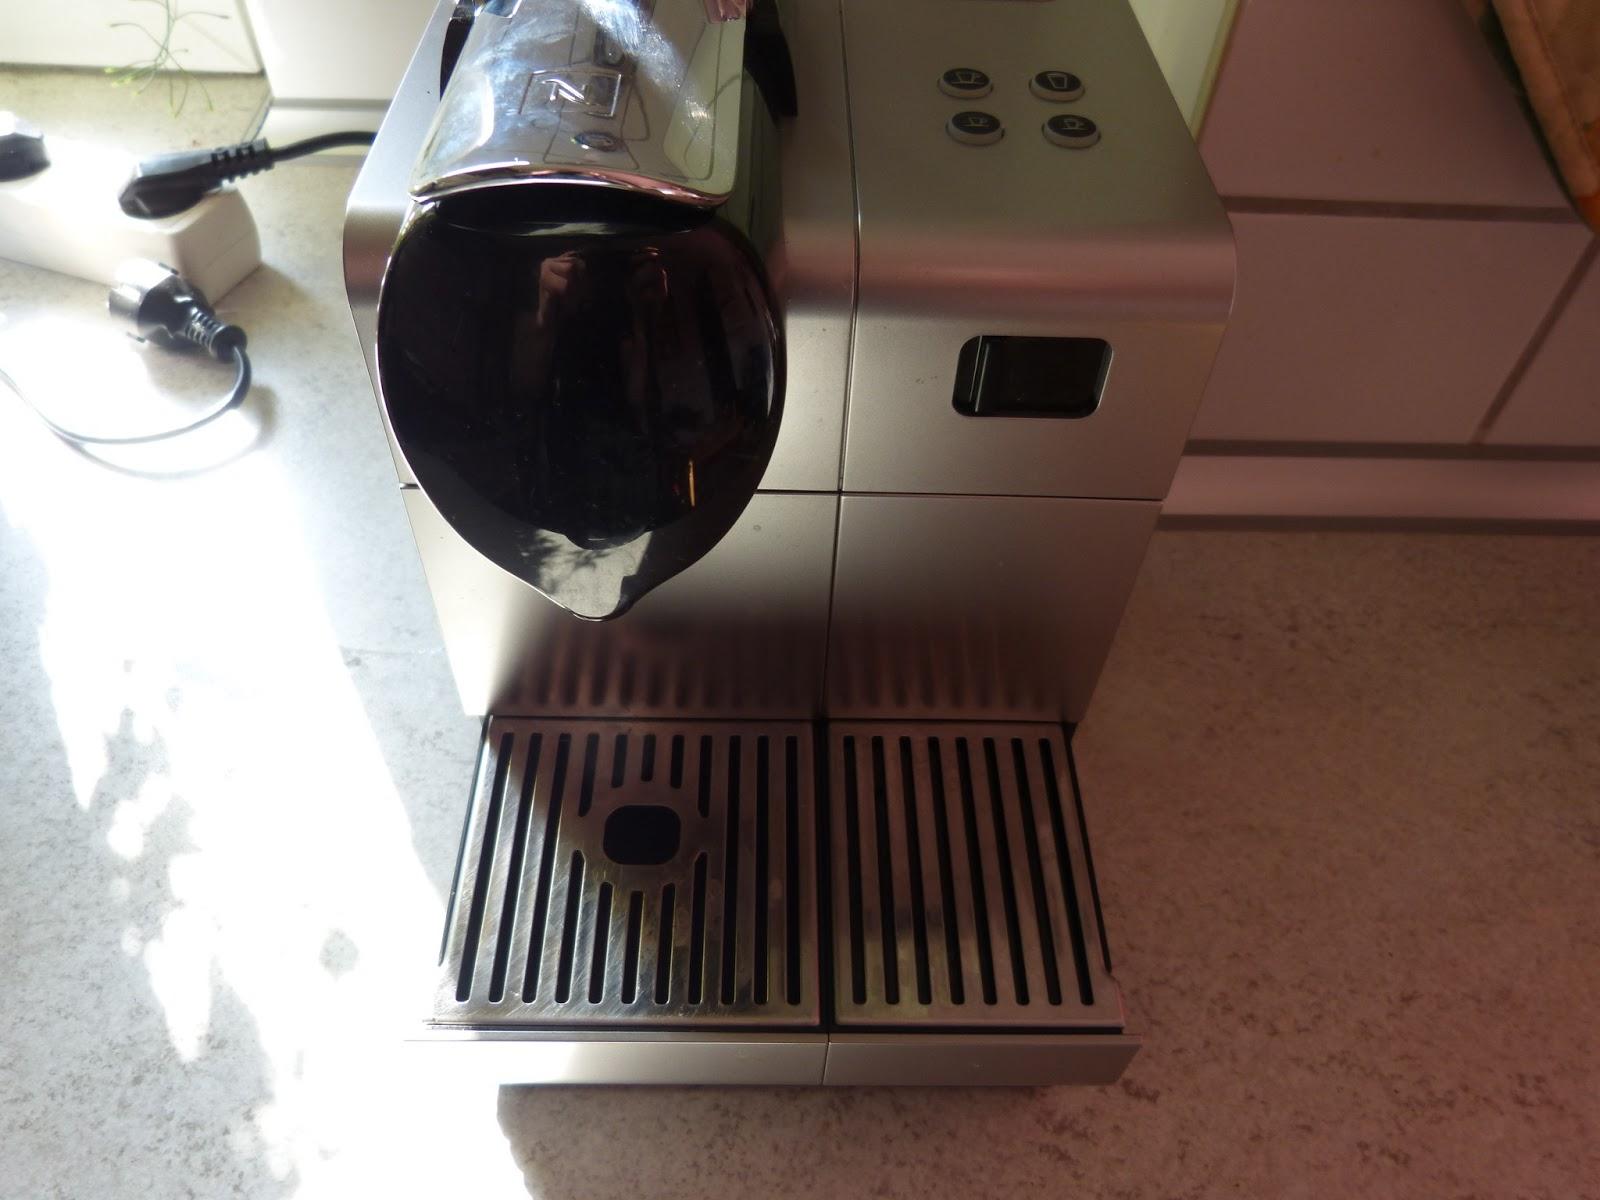 delonghi en 520 s nespresso lattissima im test kapsel. Black Bedroom Furniture Sets. Home Design Ideas